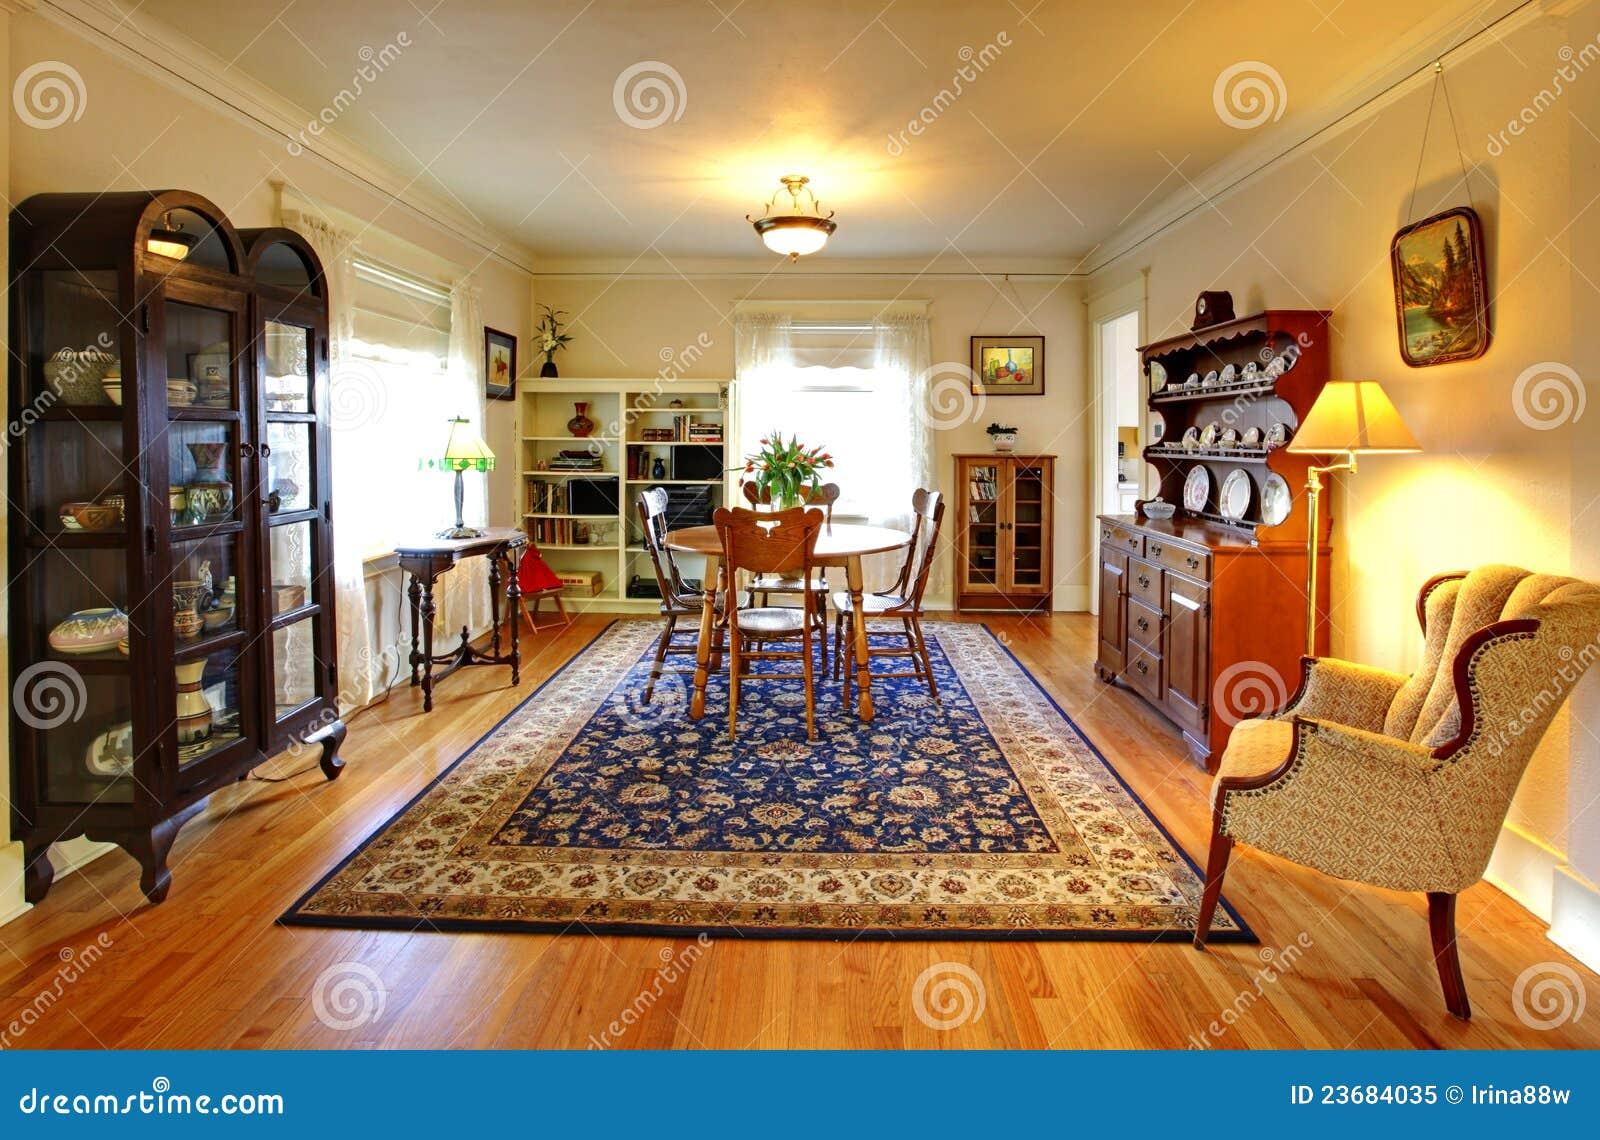 Fotografia Stock Libera Da Diritti: Vecchia Sala Da Pranzo Sveglia  #B98A12 1300 943 La Cucina Disegni Per Bambini